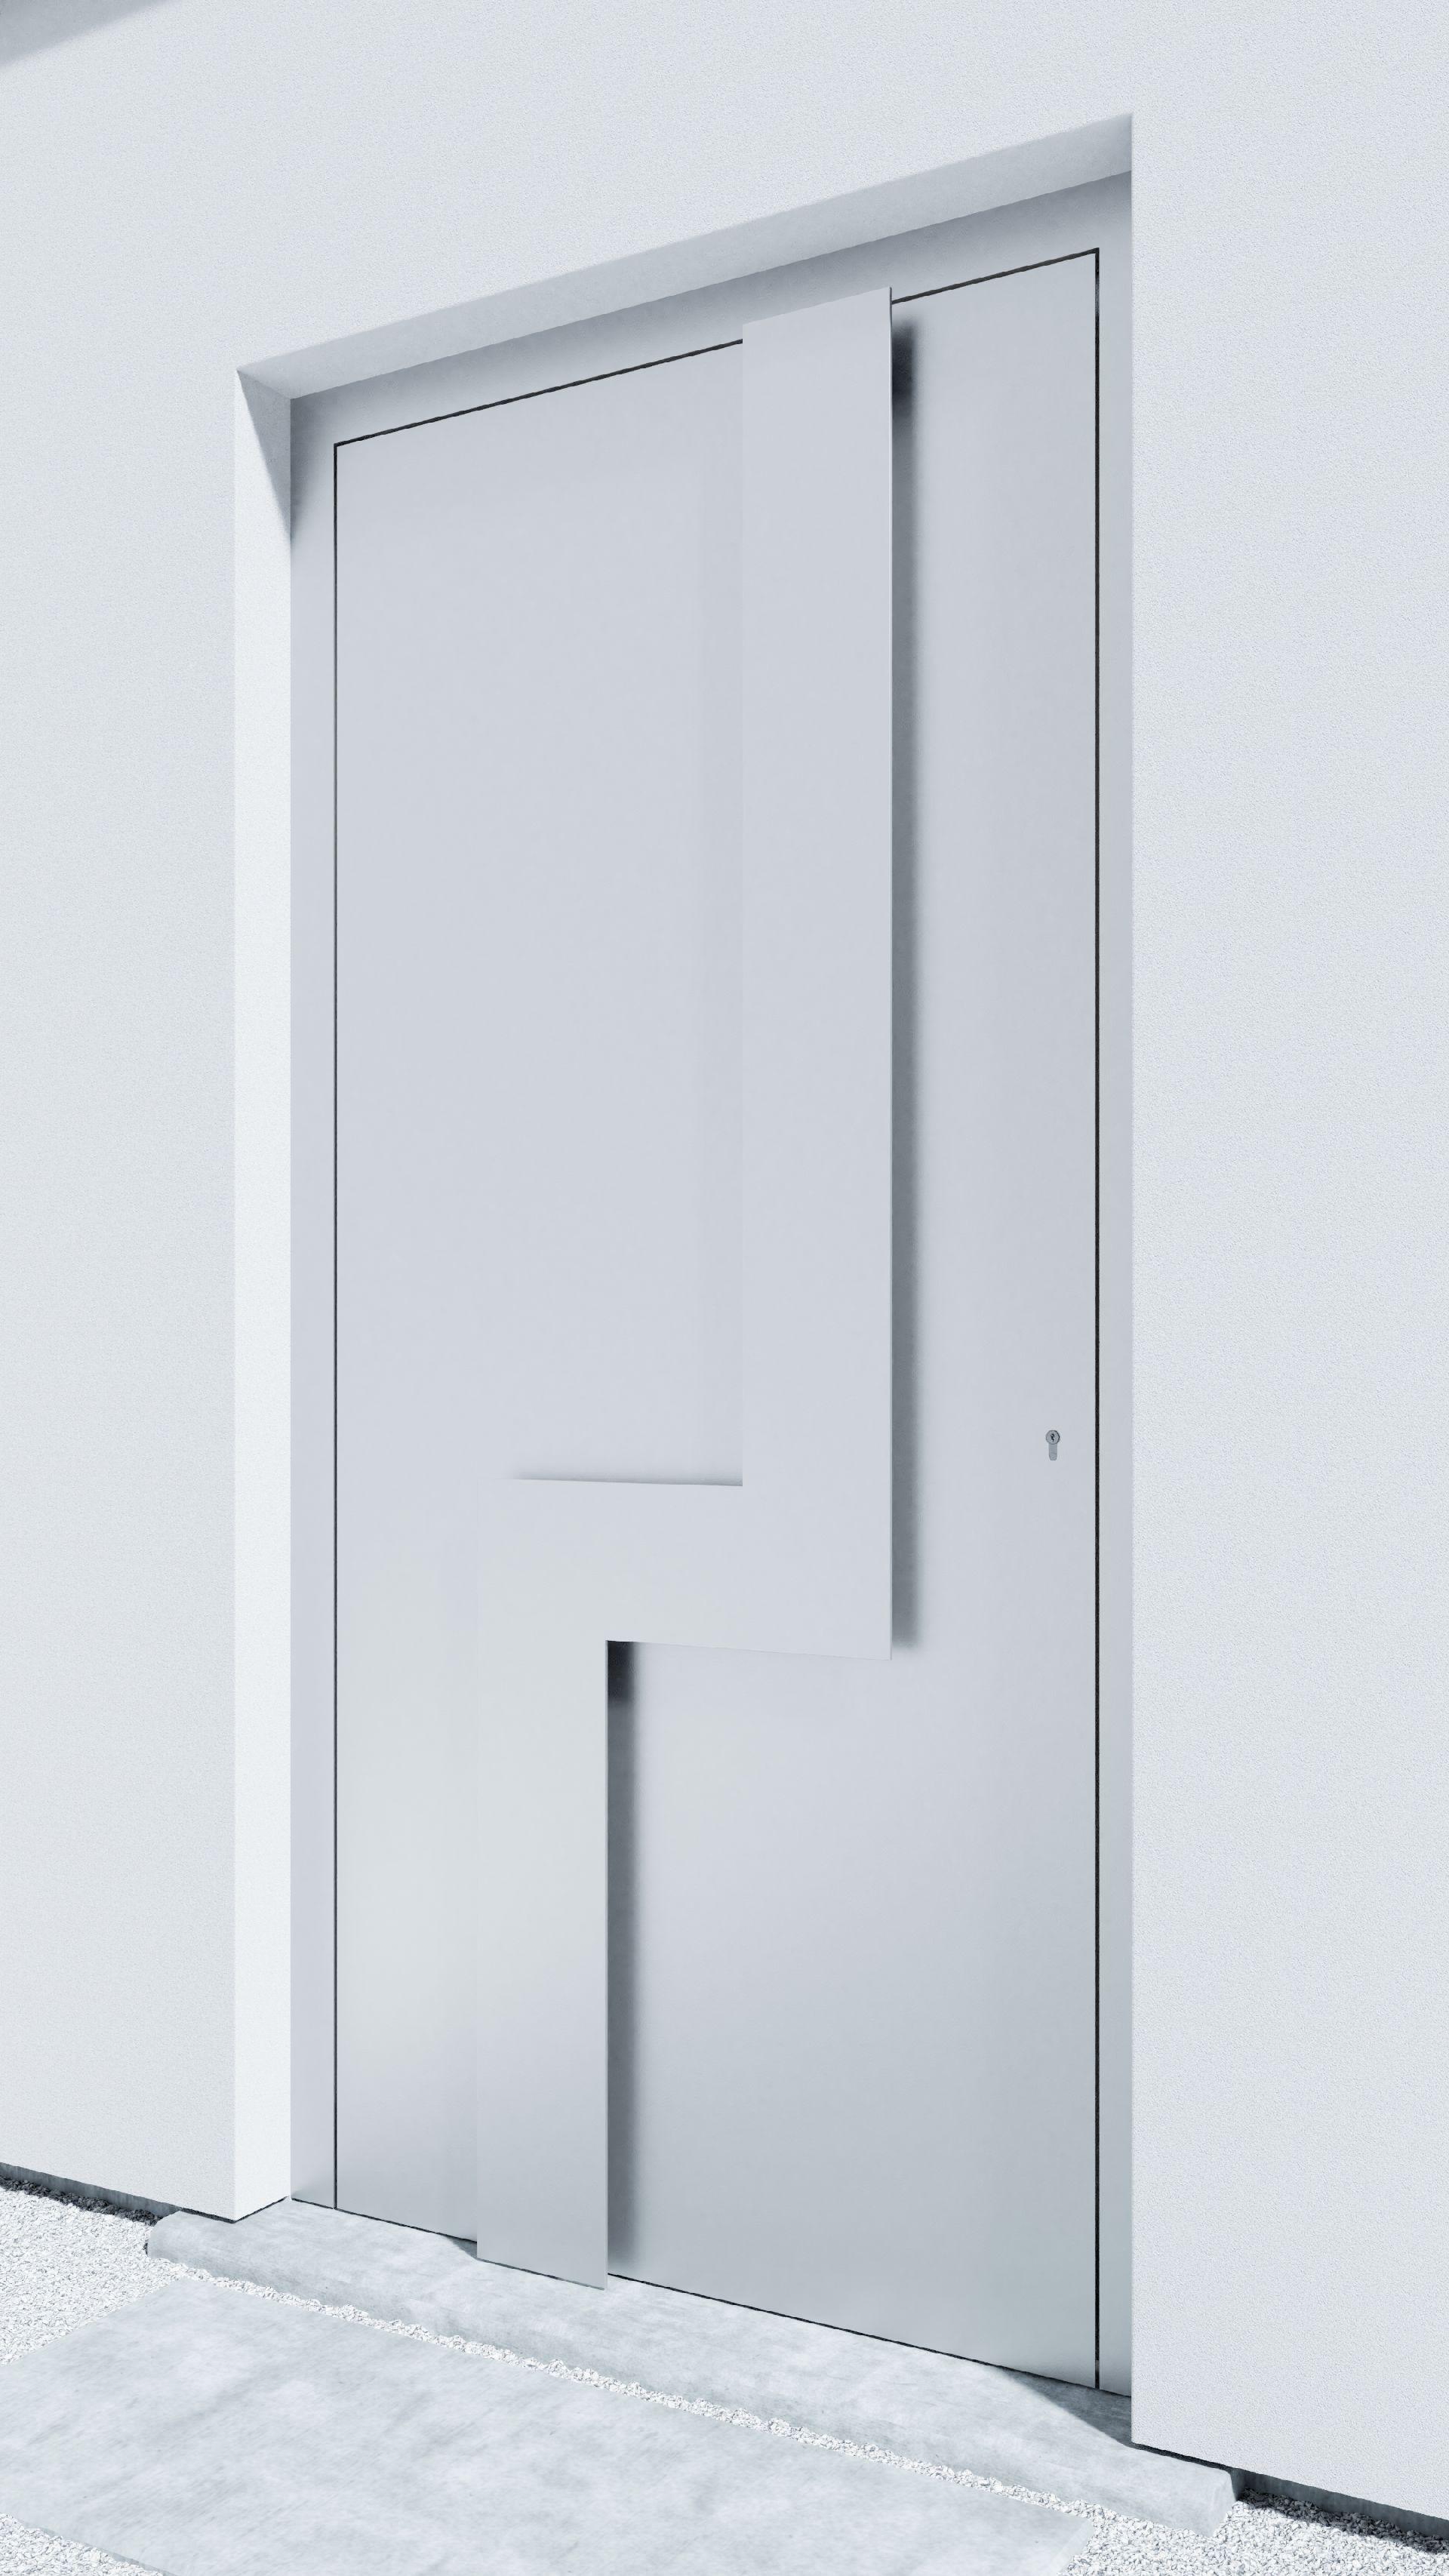 Porte d'entrée BH051W Moholy de la gamme Bauhaus posée par les établissements CELEREAU à Roncq